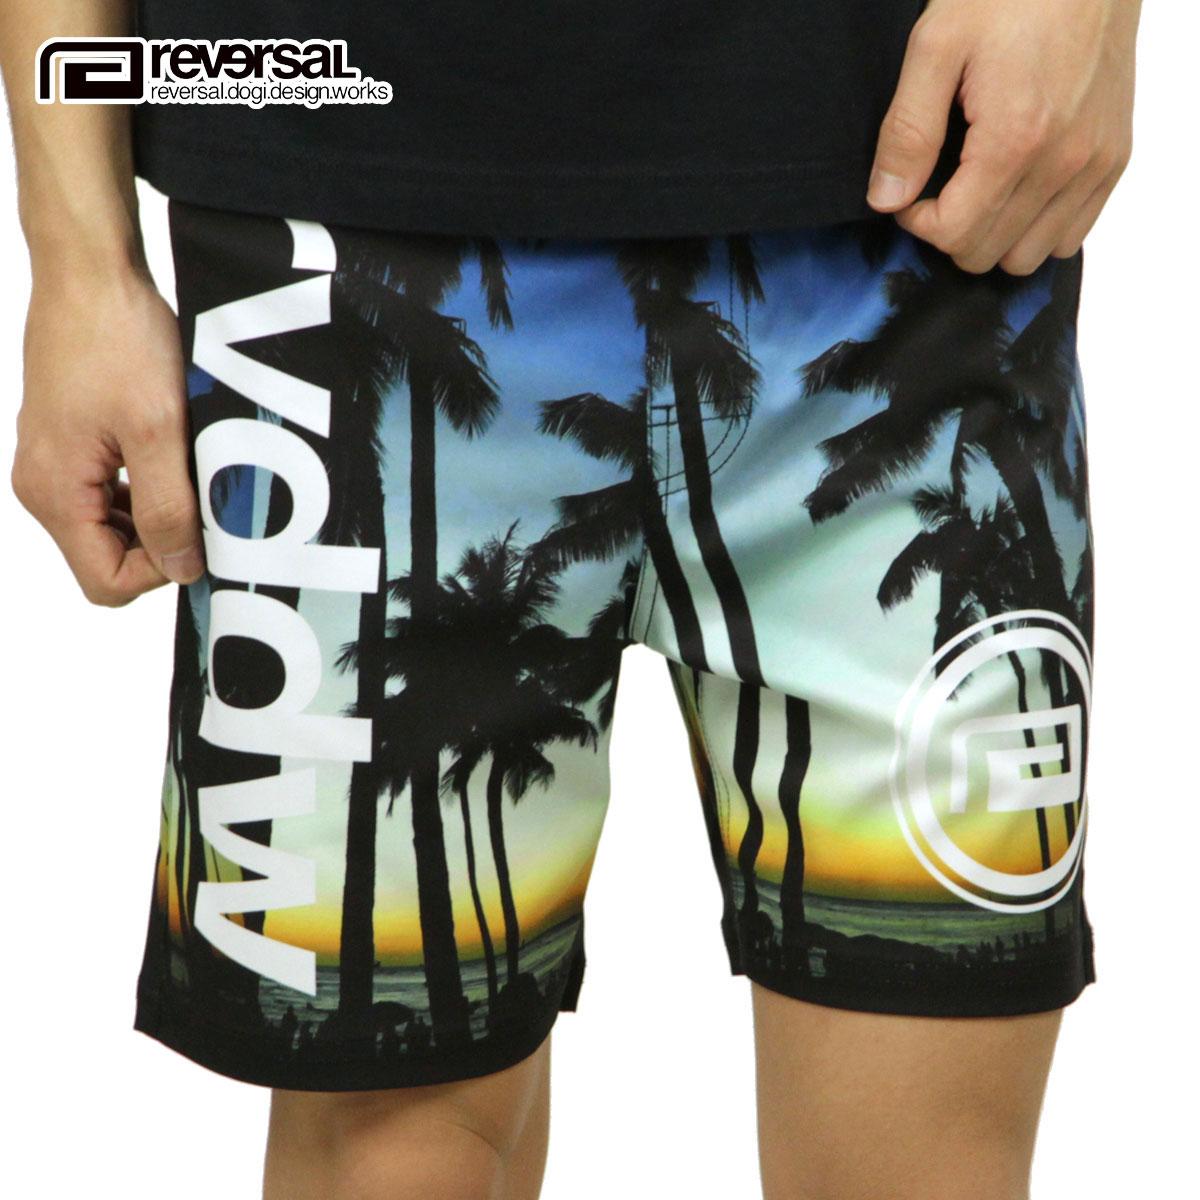 リバーサル REVERSAL 正規販売店 メンズ ドライメッシュ ショートパンツ SUNSET BEACH ACTIVE SHORTS DRY MESH rv18ss037 SUNSET BEACH